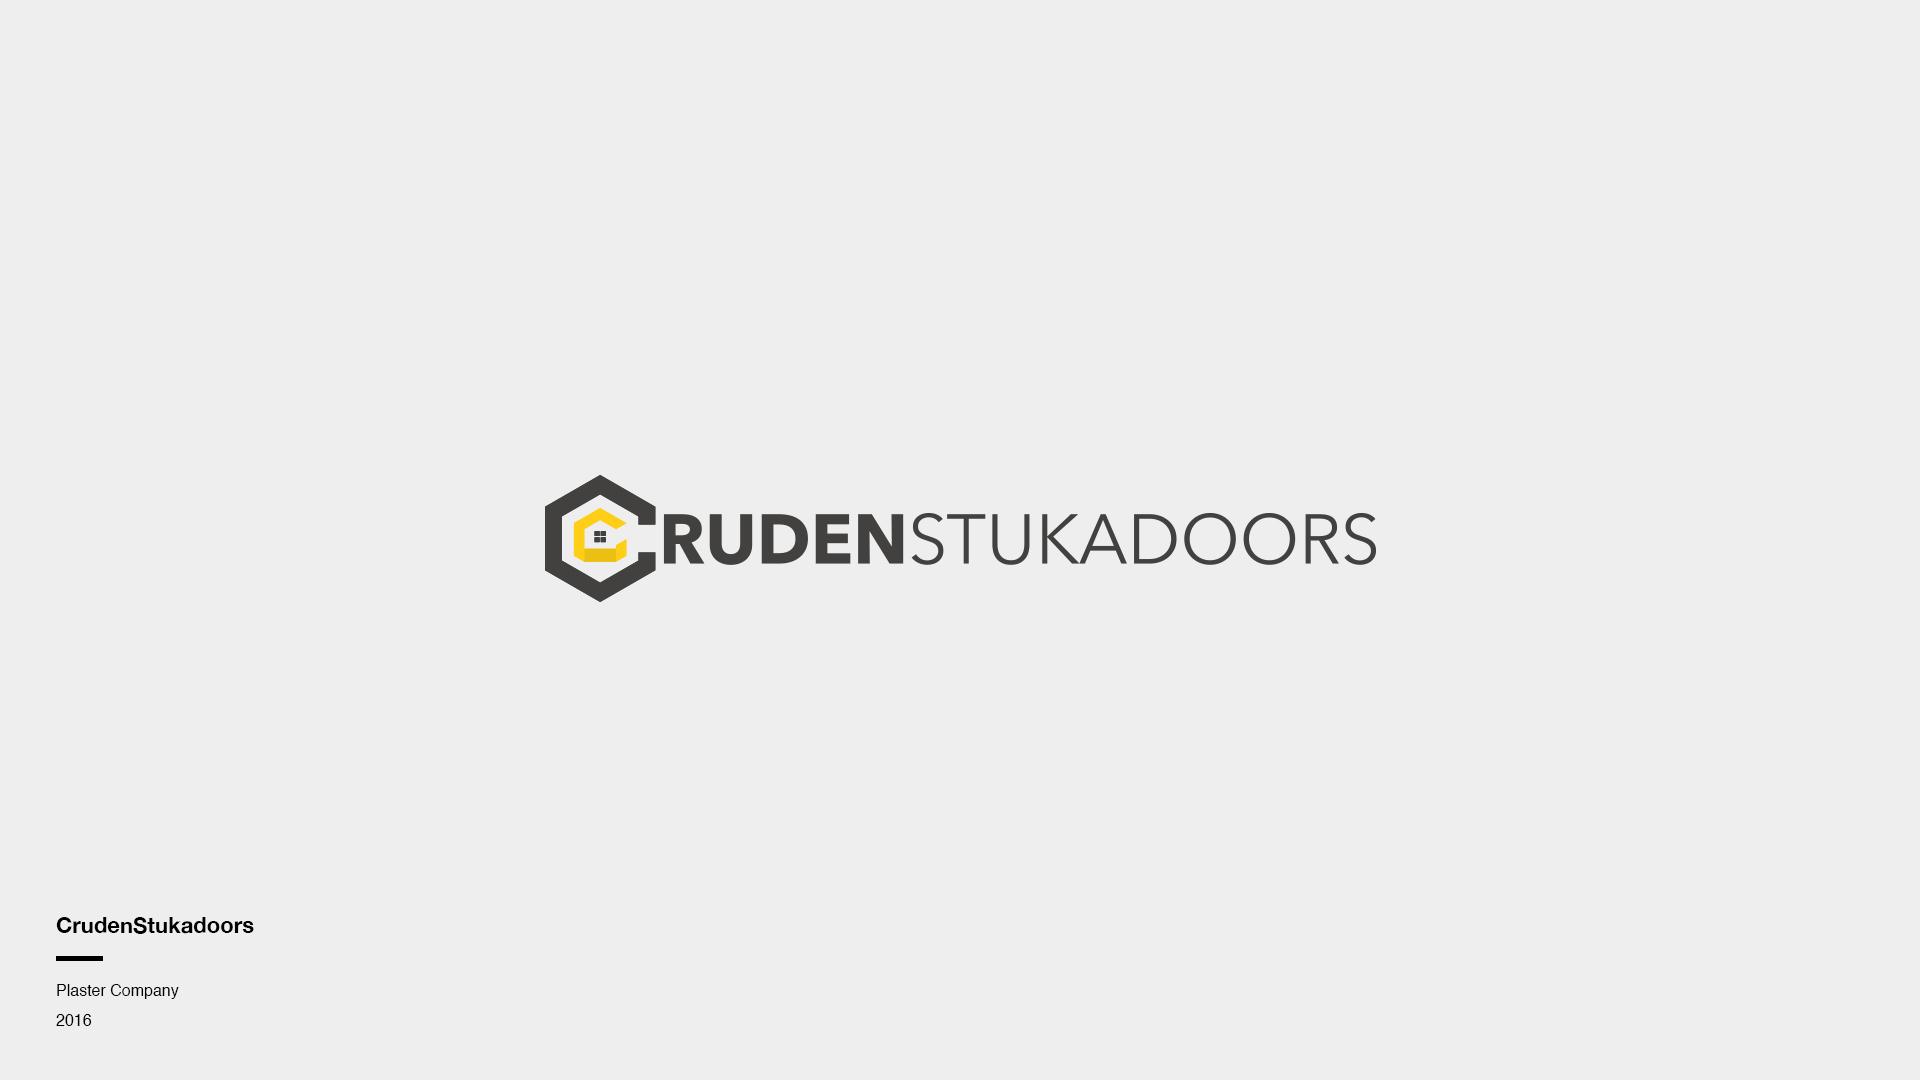 Logo Cruden Stukadoors